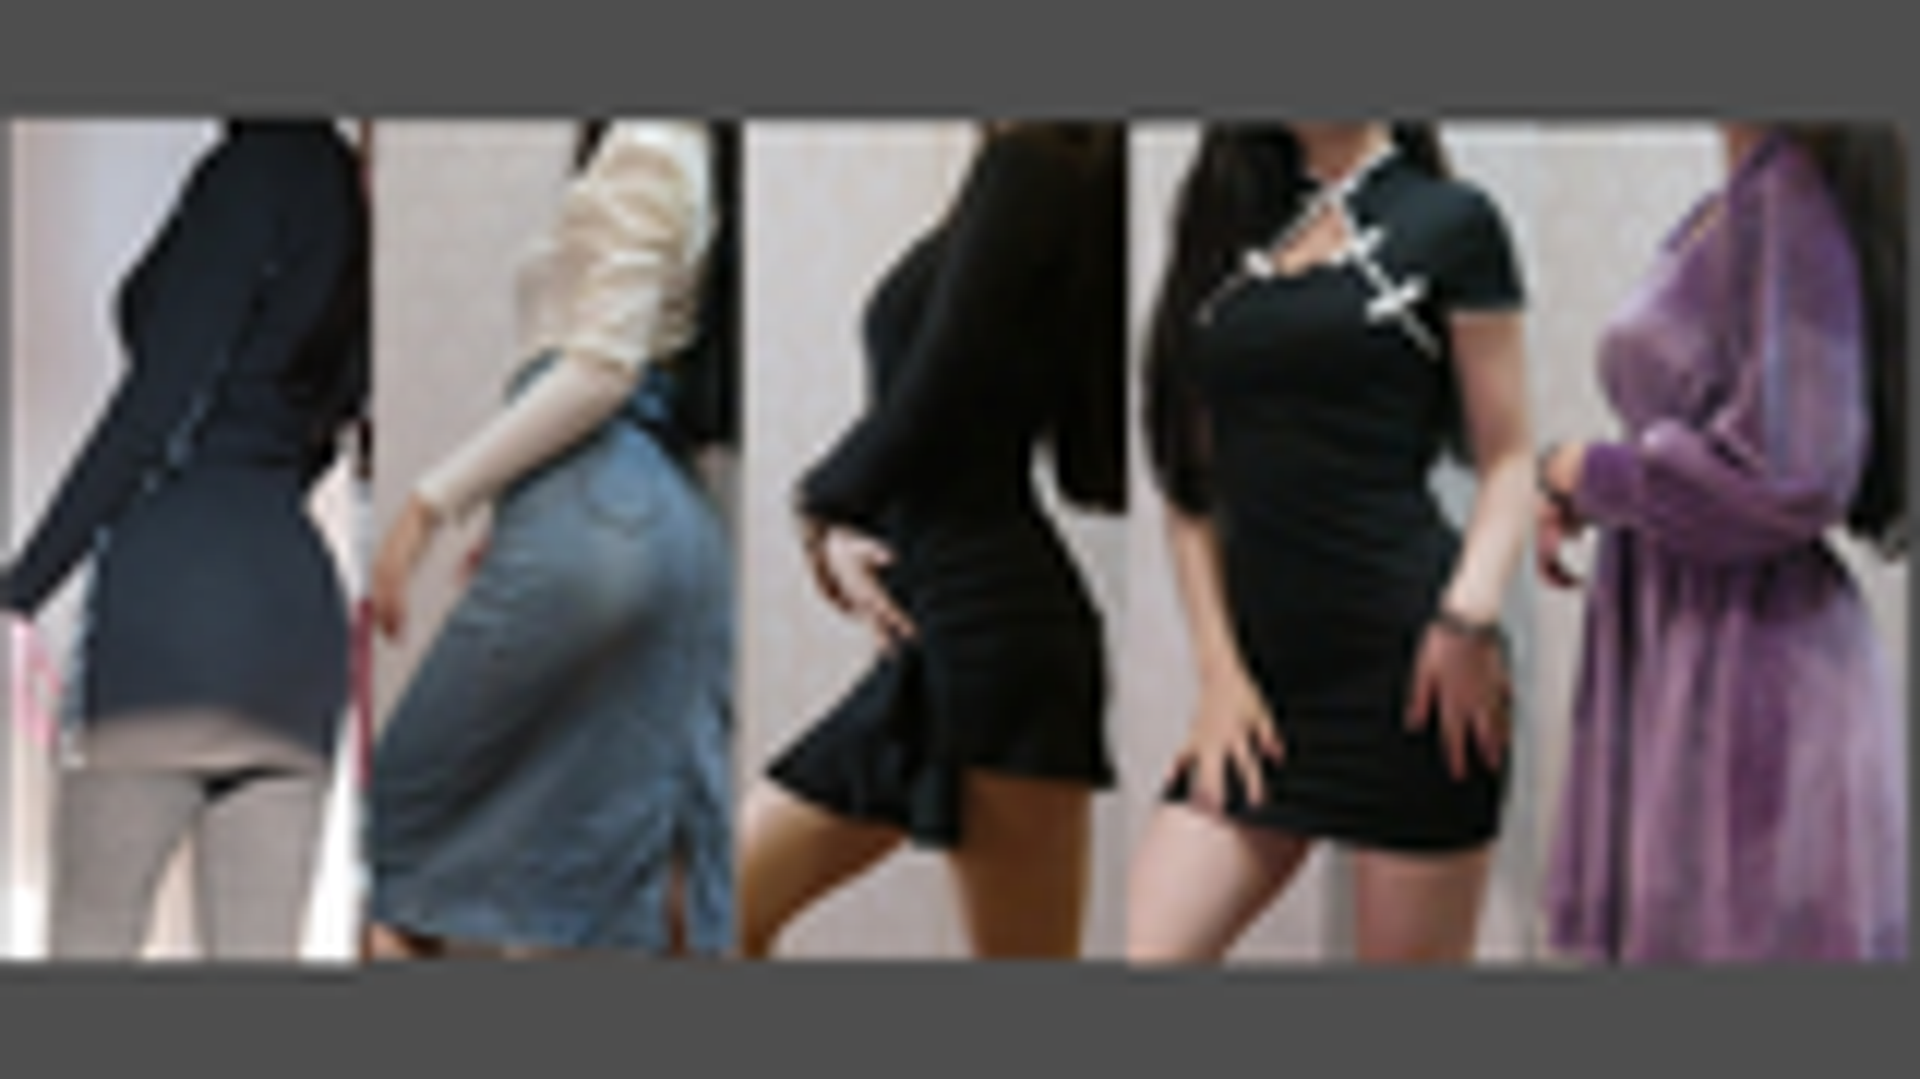 16岁微胖身材试穿欧美风 旗袍v领性感与生俱来